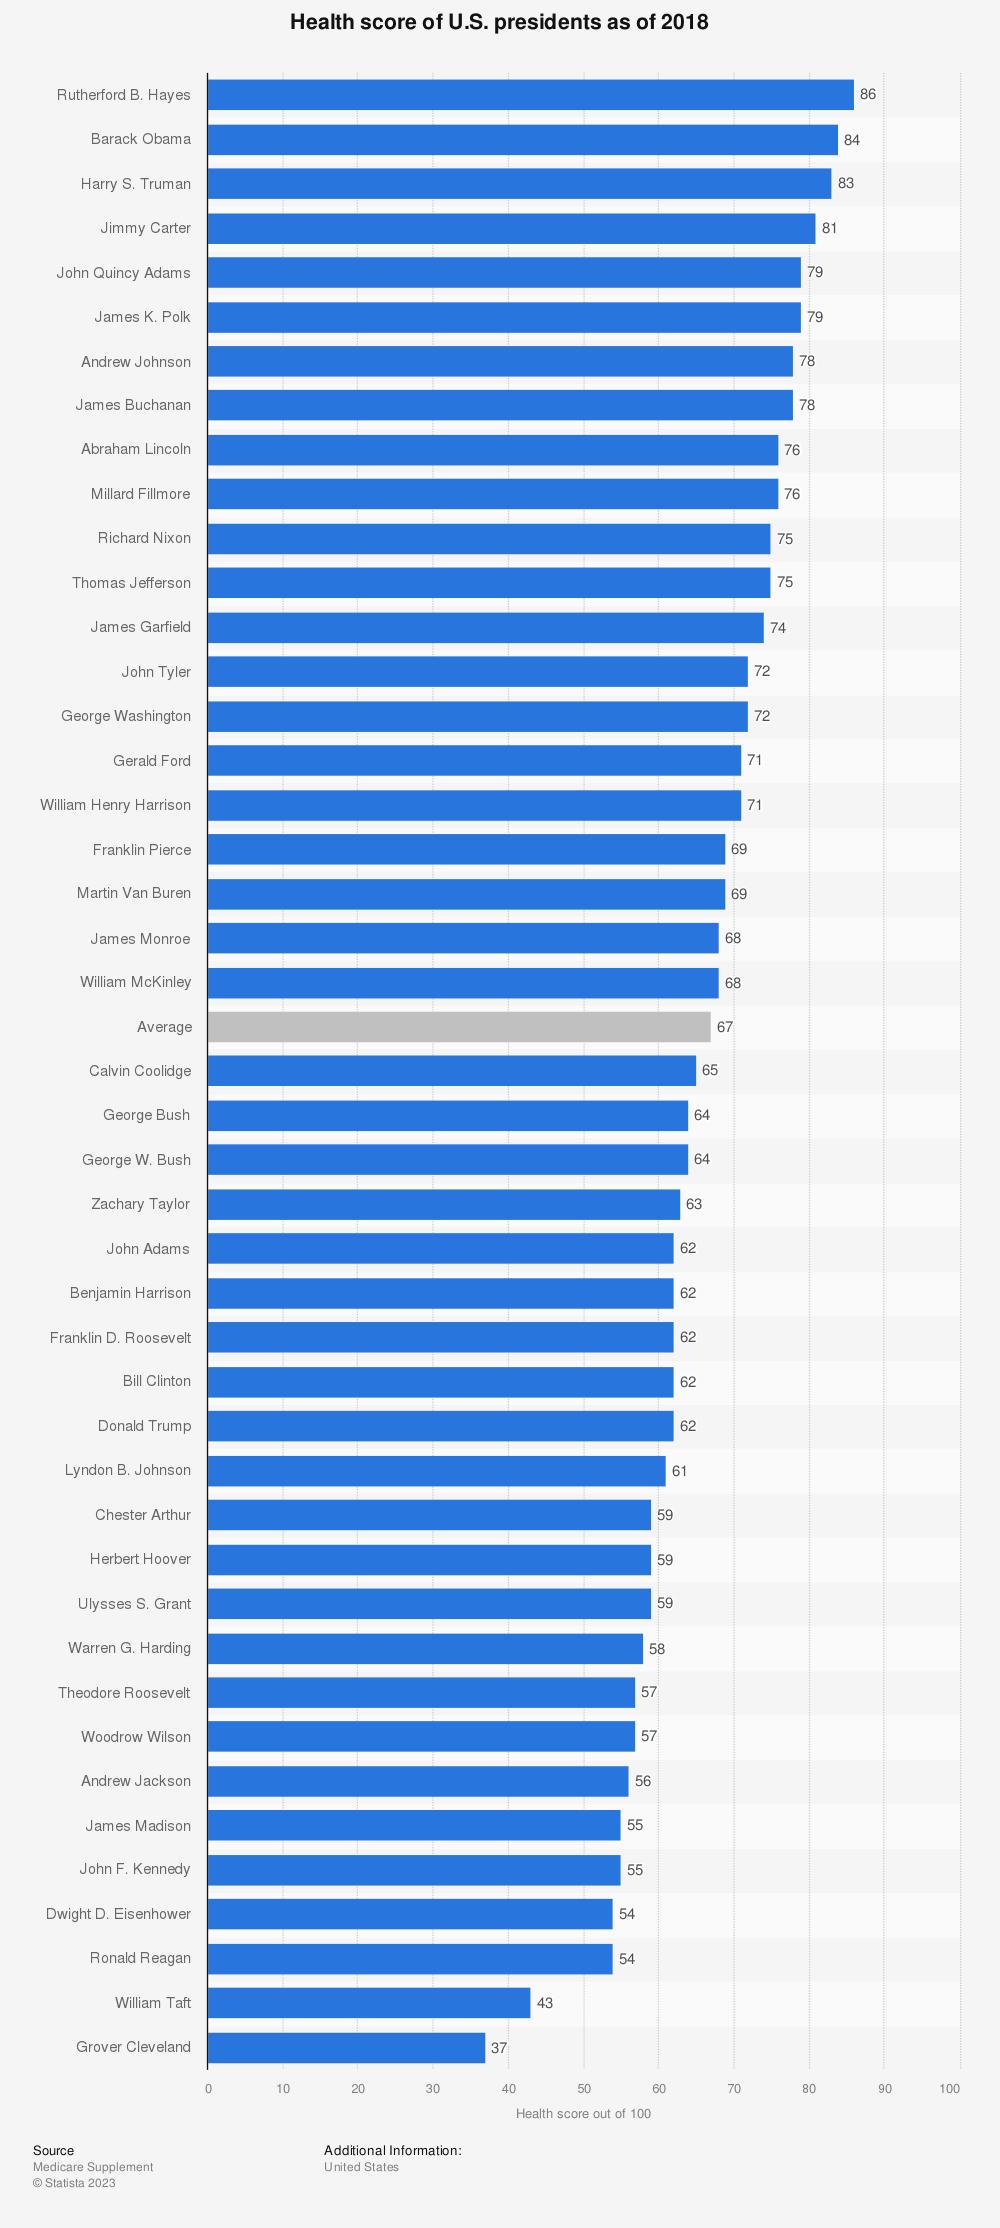 Statistic: Health score of U.S. presidents as of 2018 | Statista